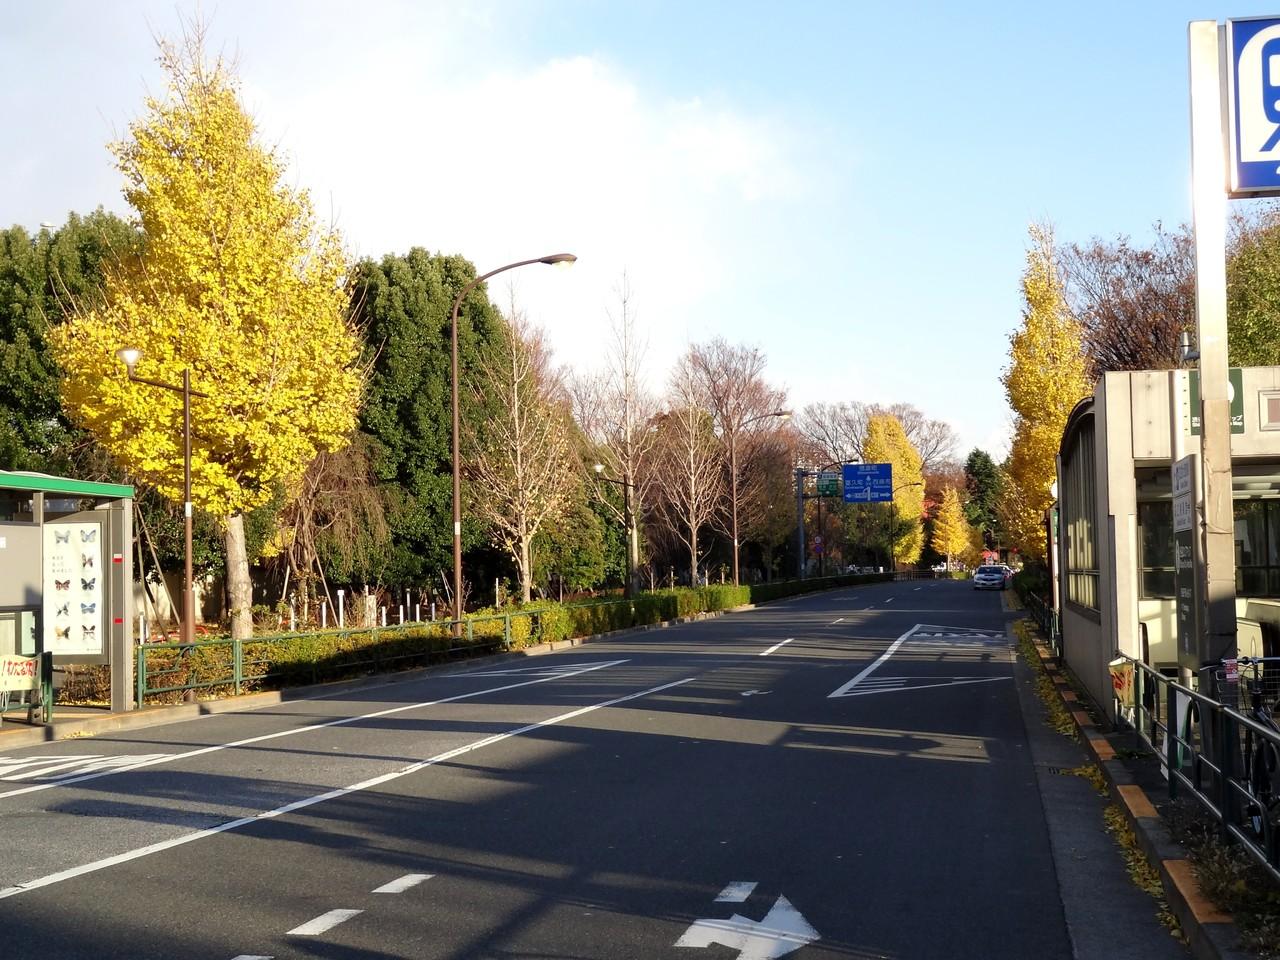 千駄ヶ谷駅前、右は都営地下鉄大江戸線「国立競技場」駅